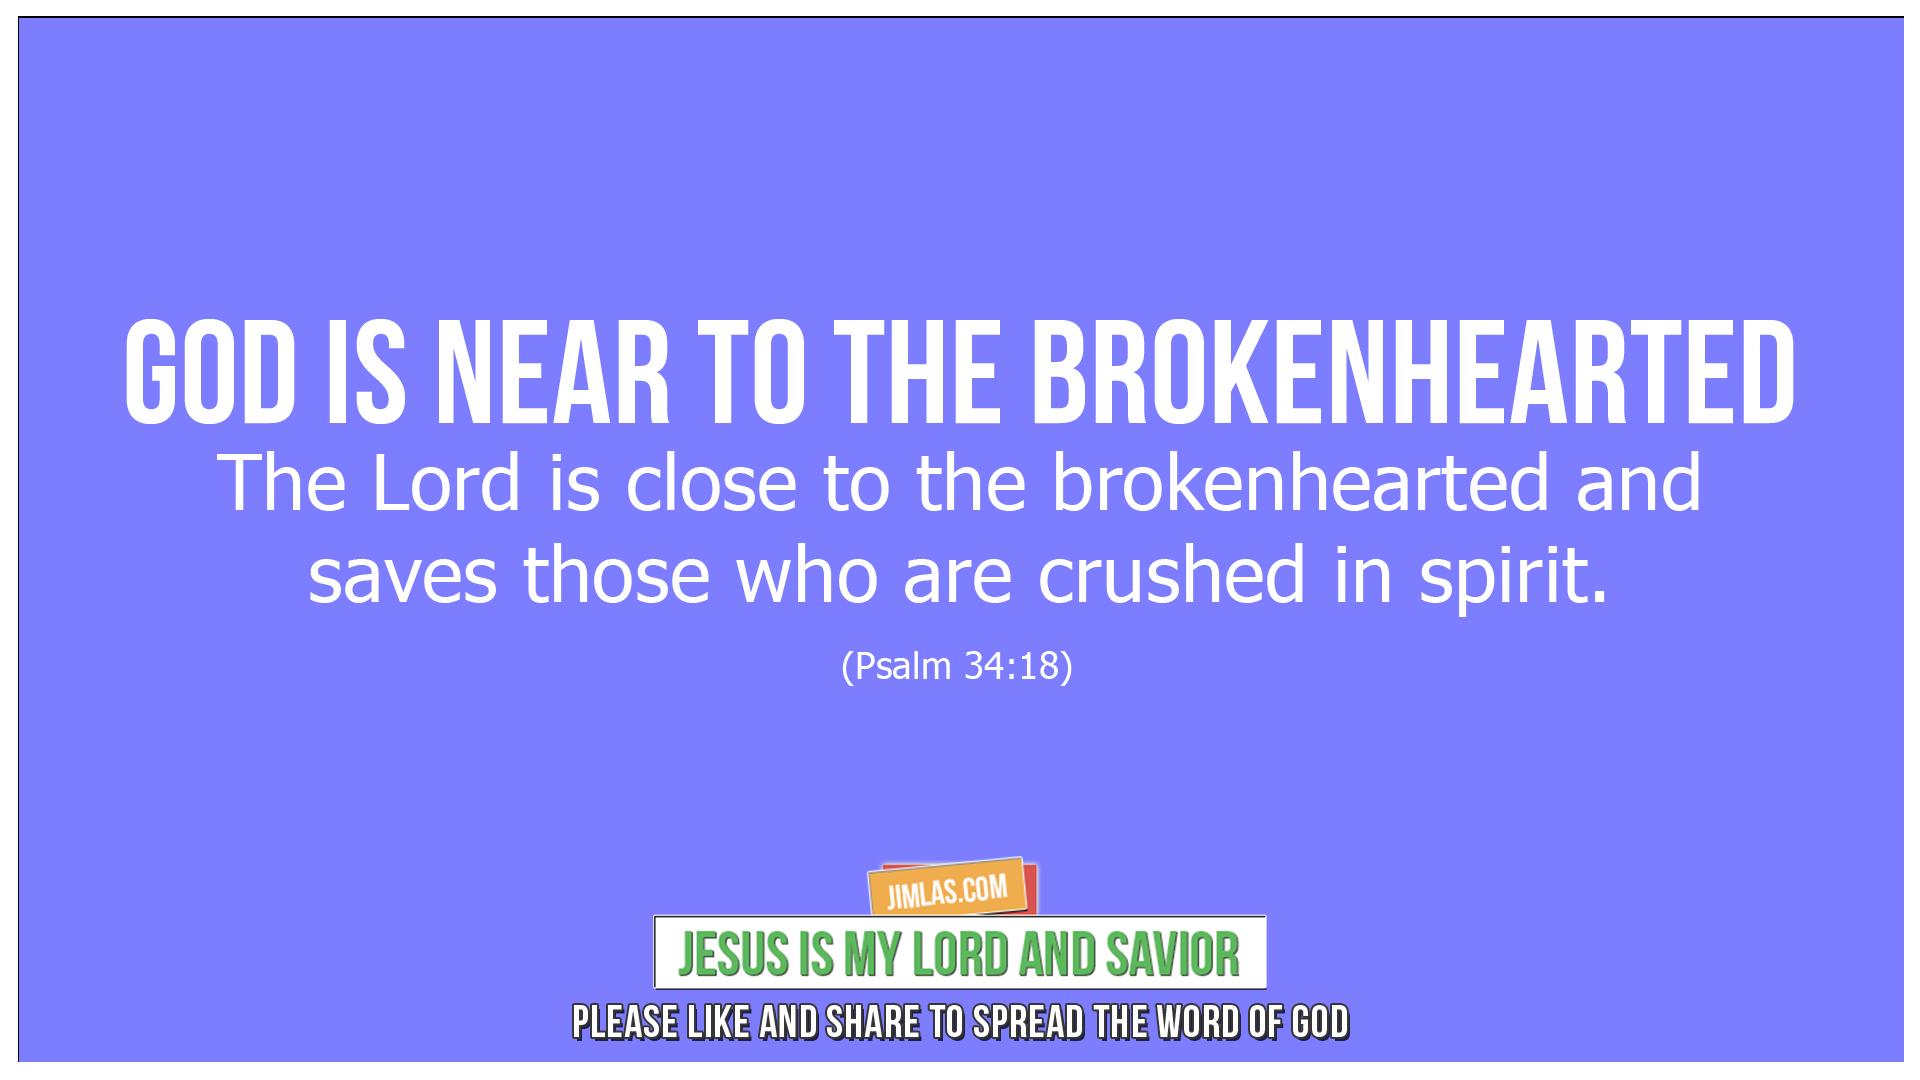 psalm 34 18, Psalm 34:18